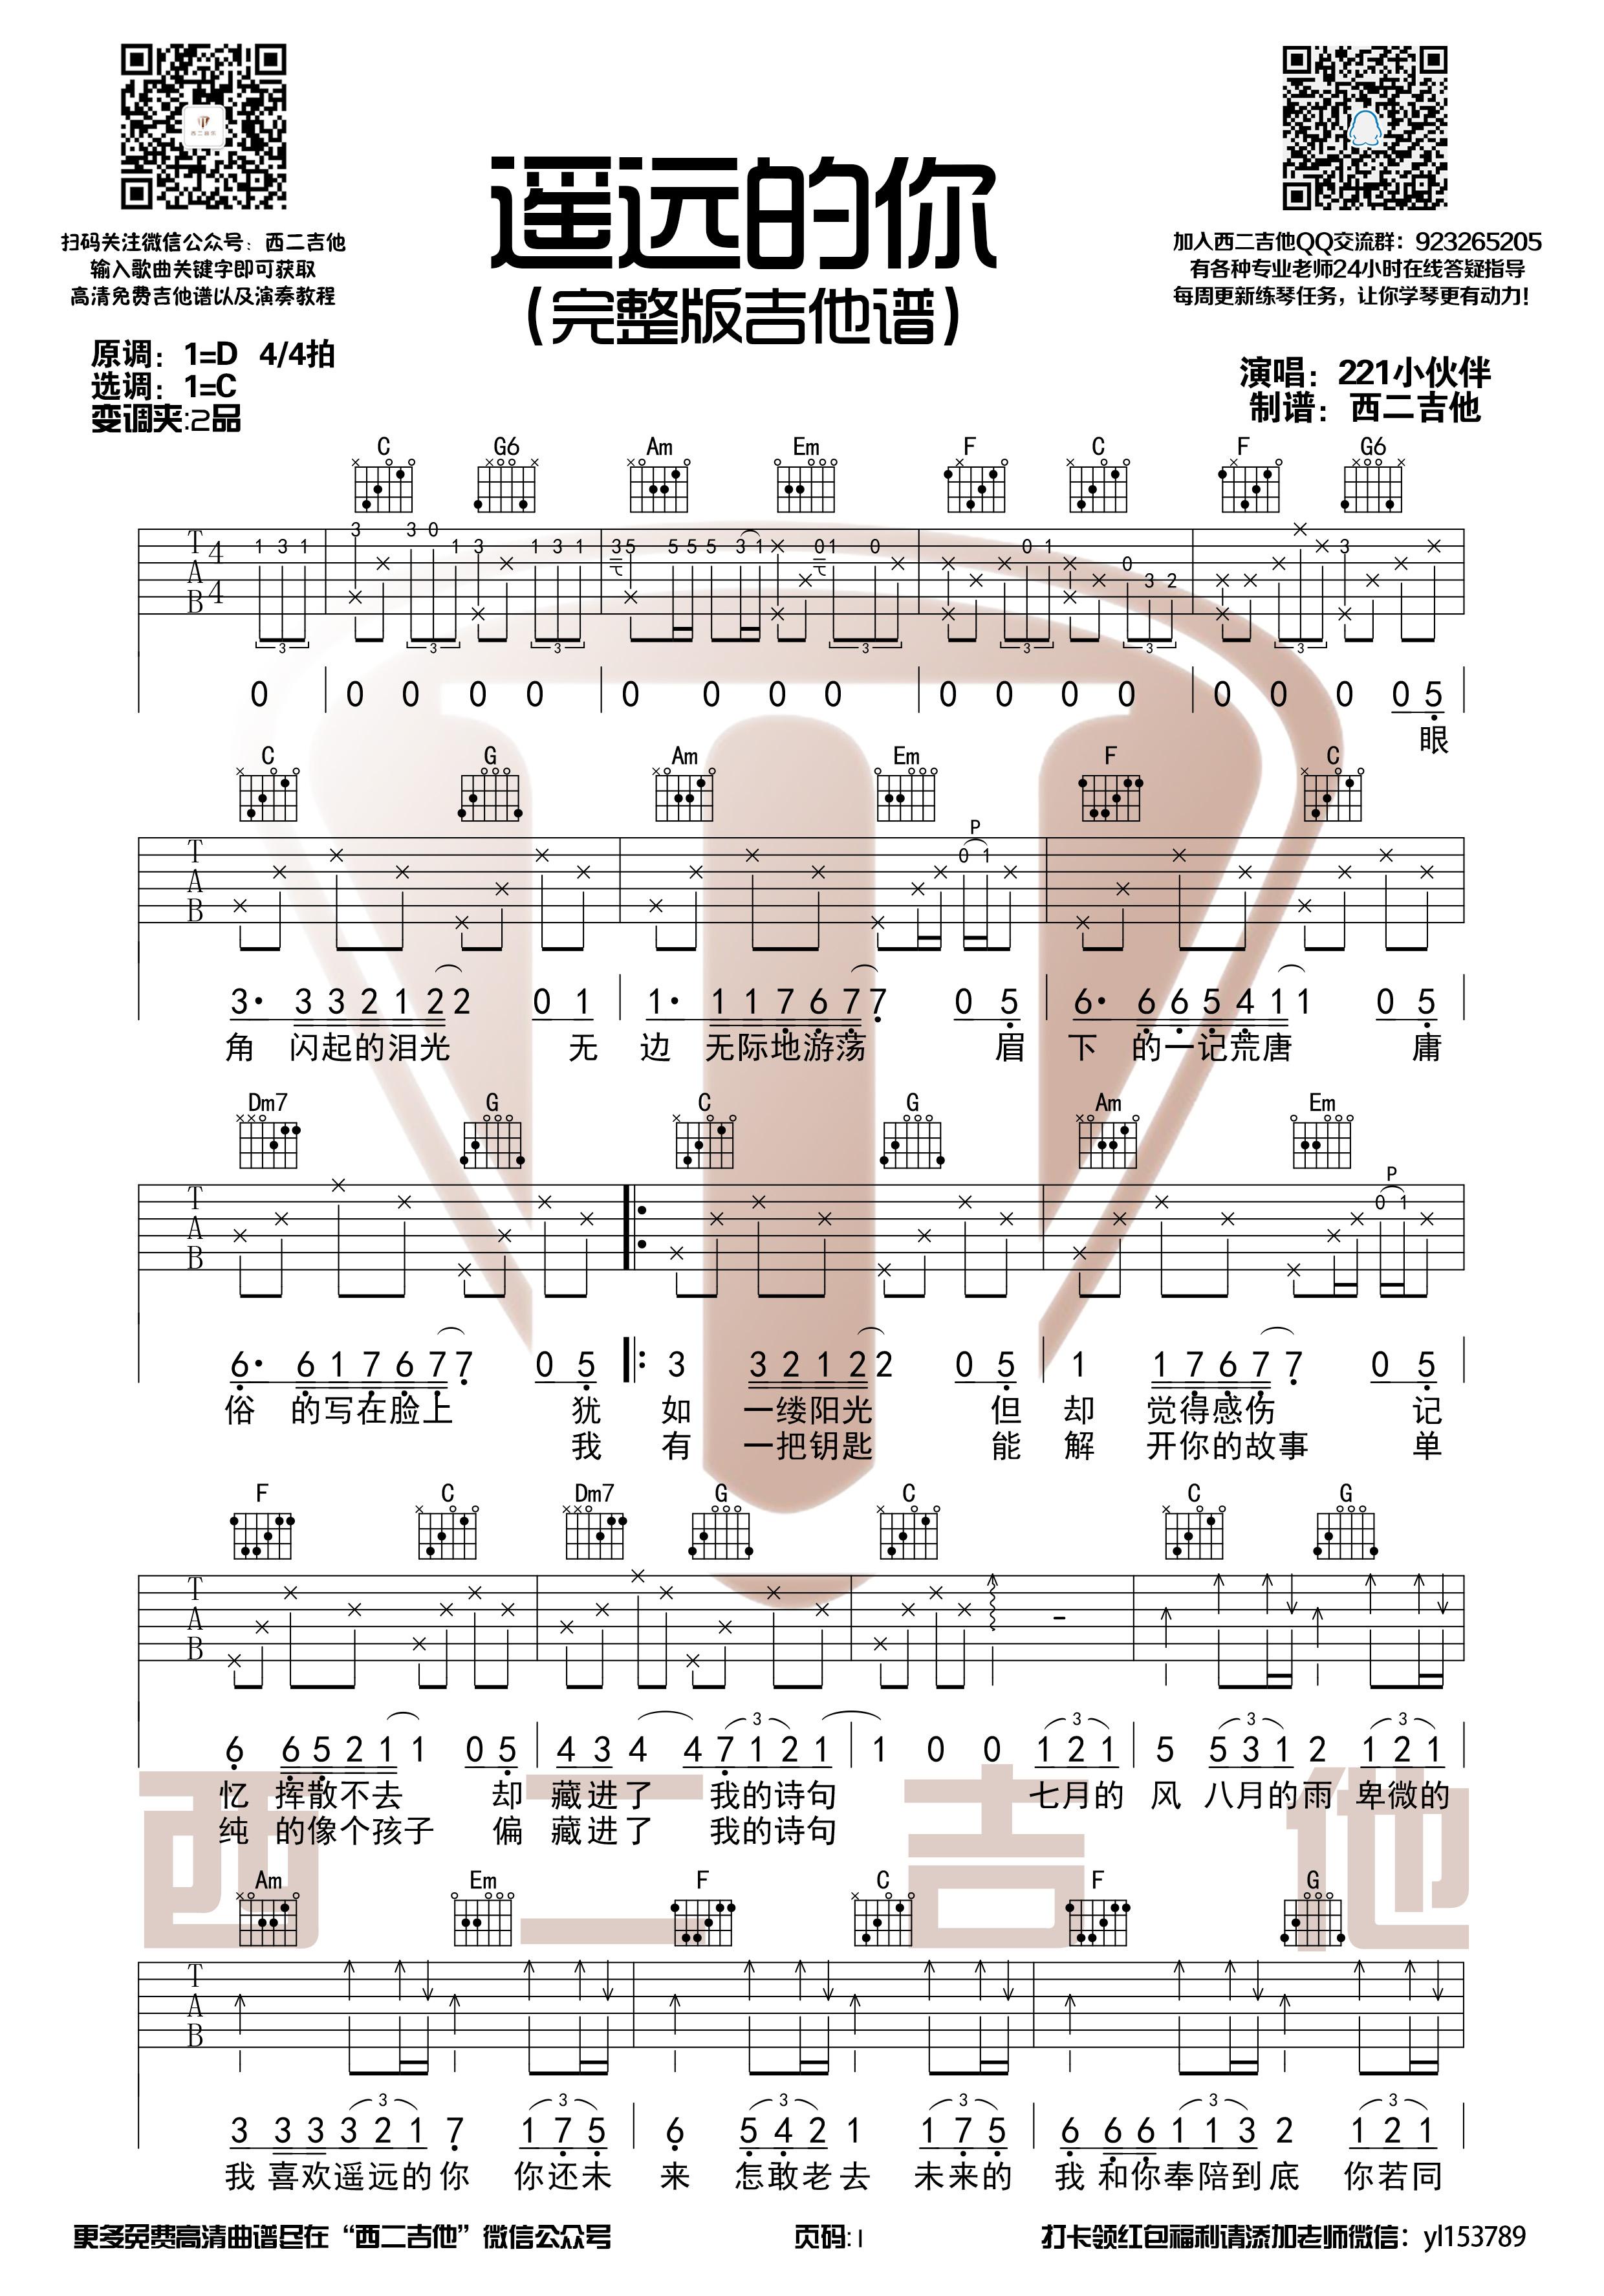 遥远的你(原版前奏间奏完整版)吉他谱(图片谱,弹唱,C调,西二吉他)_群星(Various Artists)_遥远的你简单版1.jpg